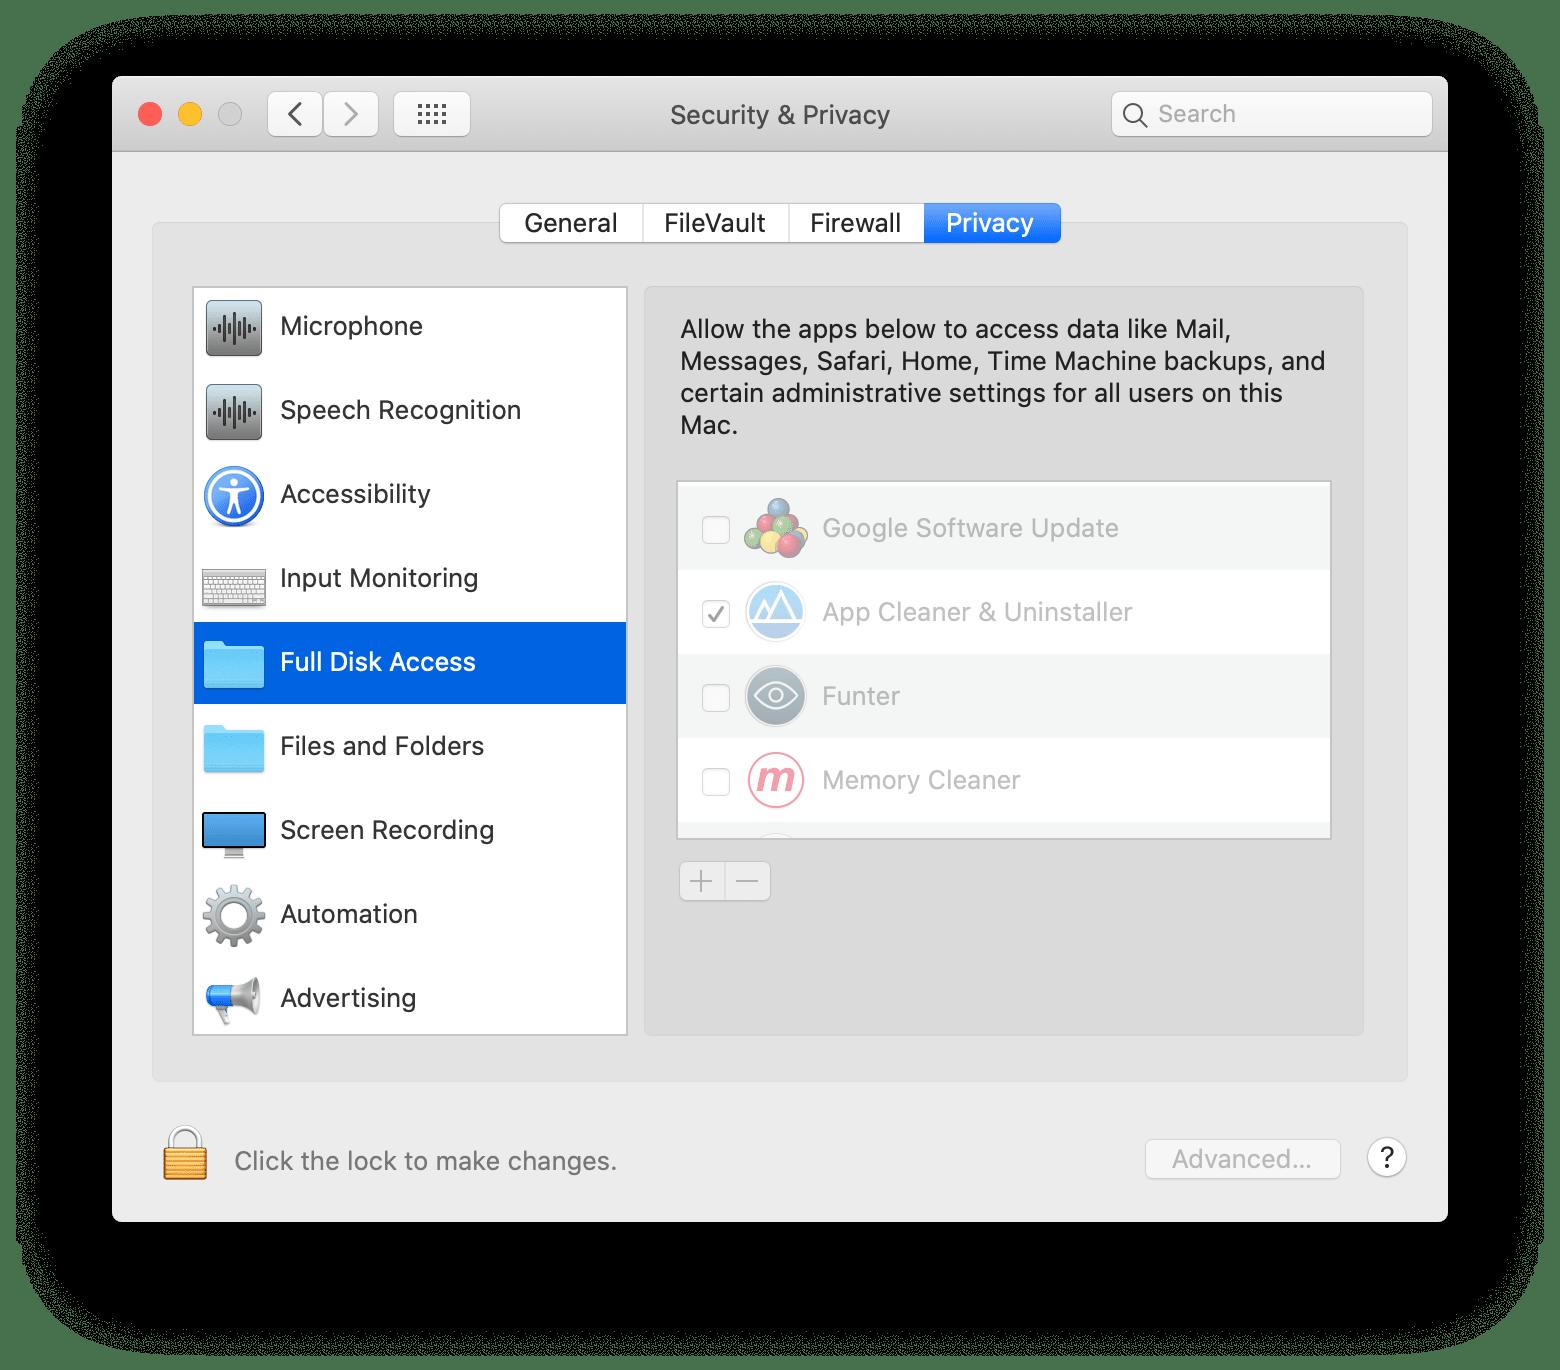 folder size finder full disk access